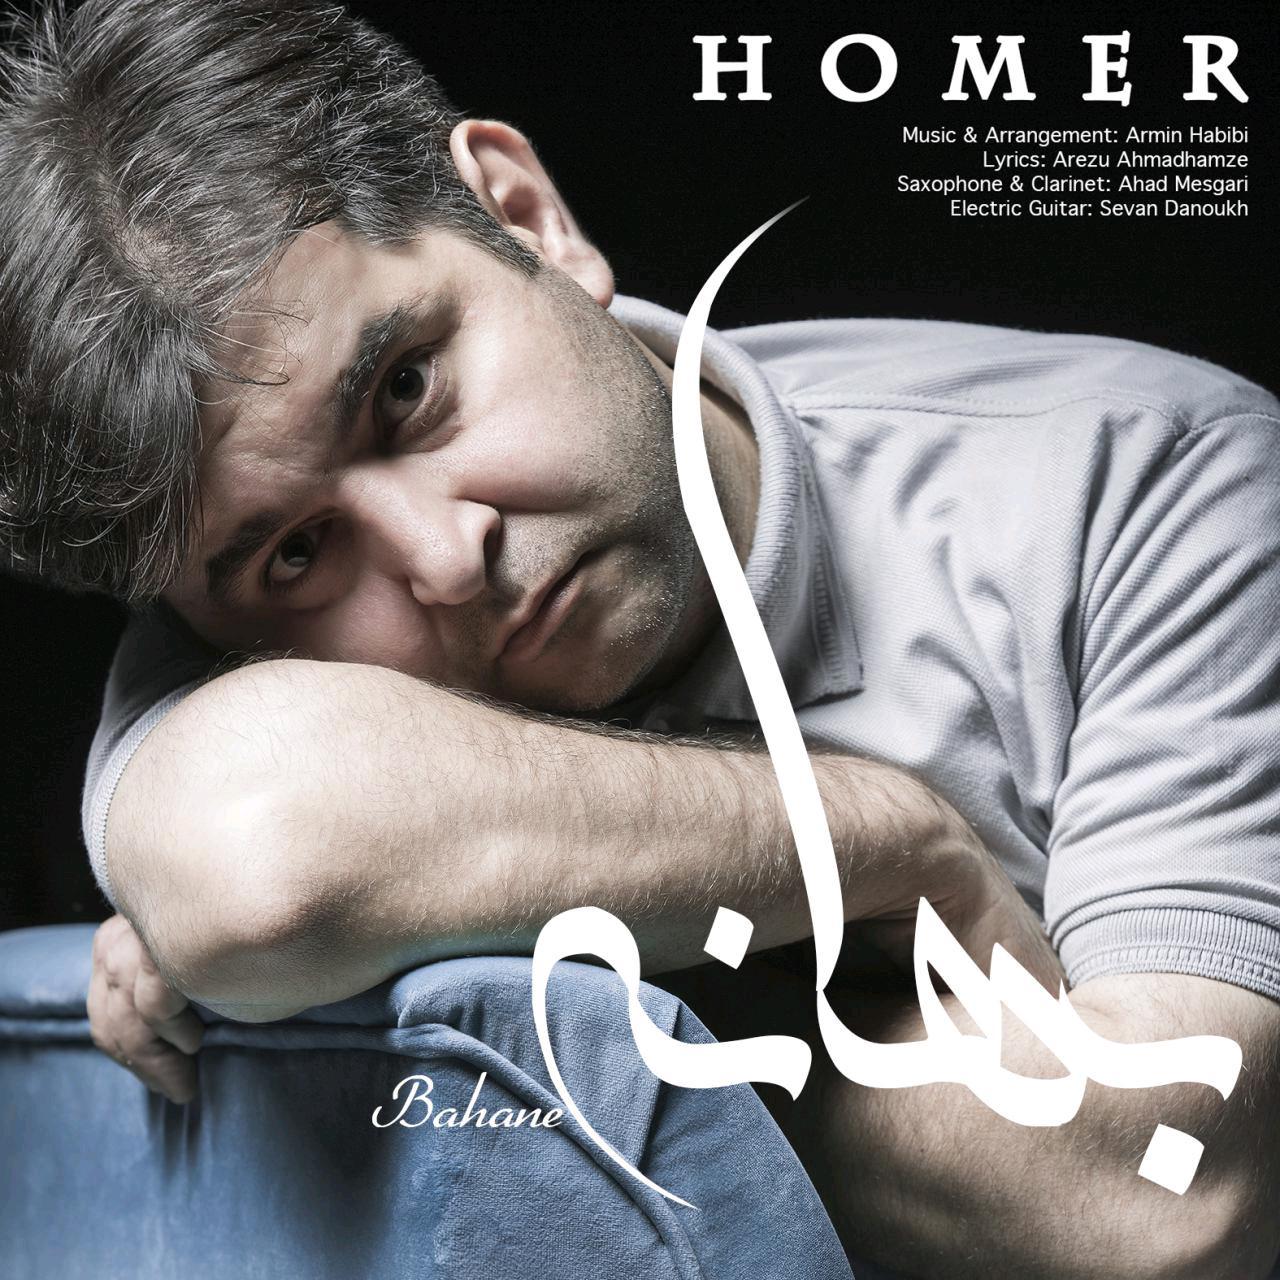 Homer – Bahane